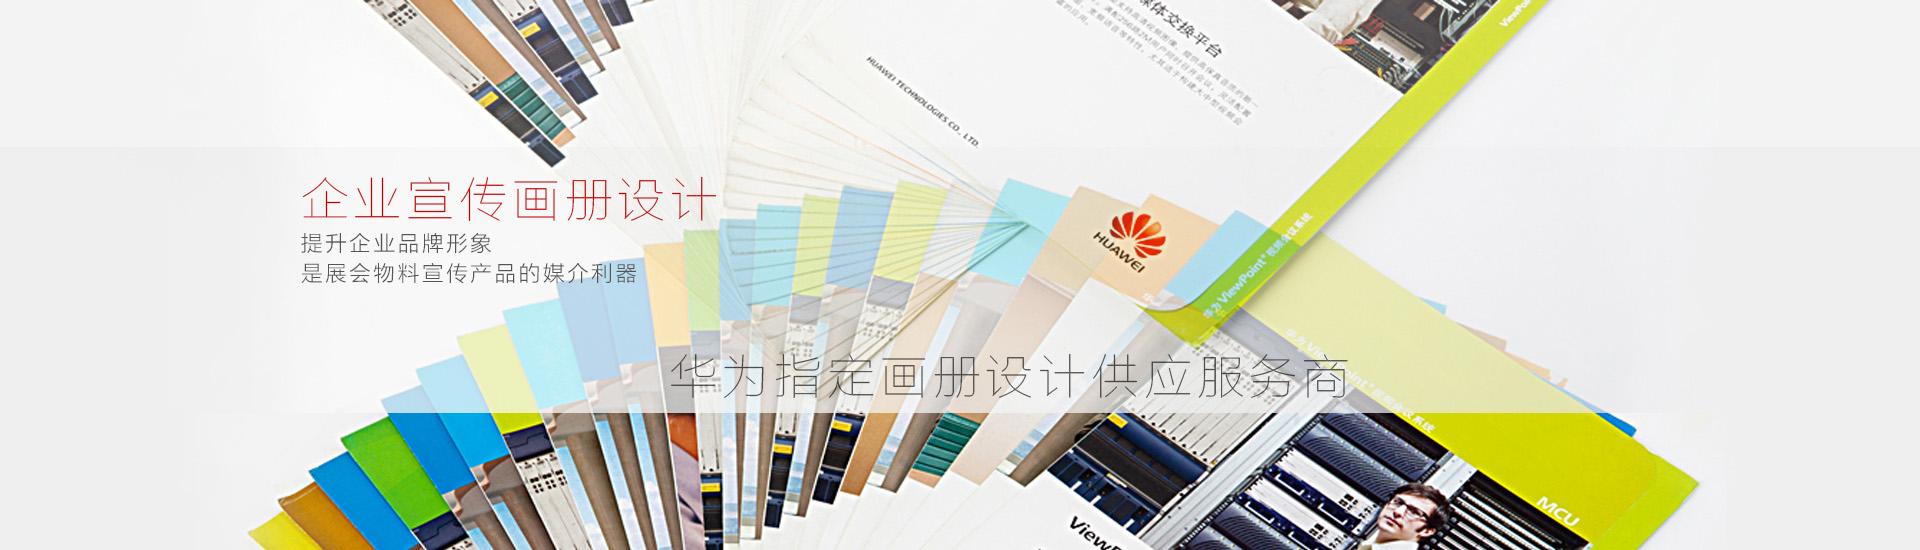 企业宣传画册设计 展会物料宣传媒介利器